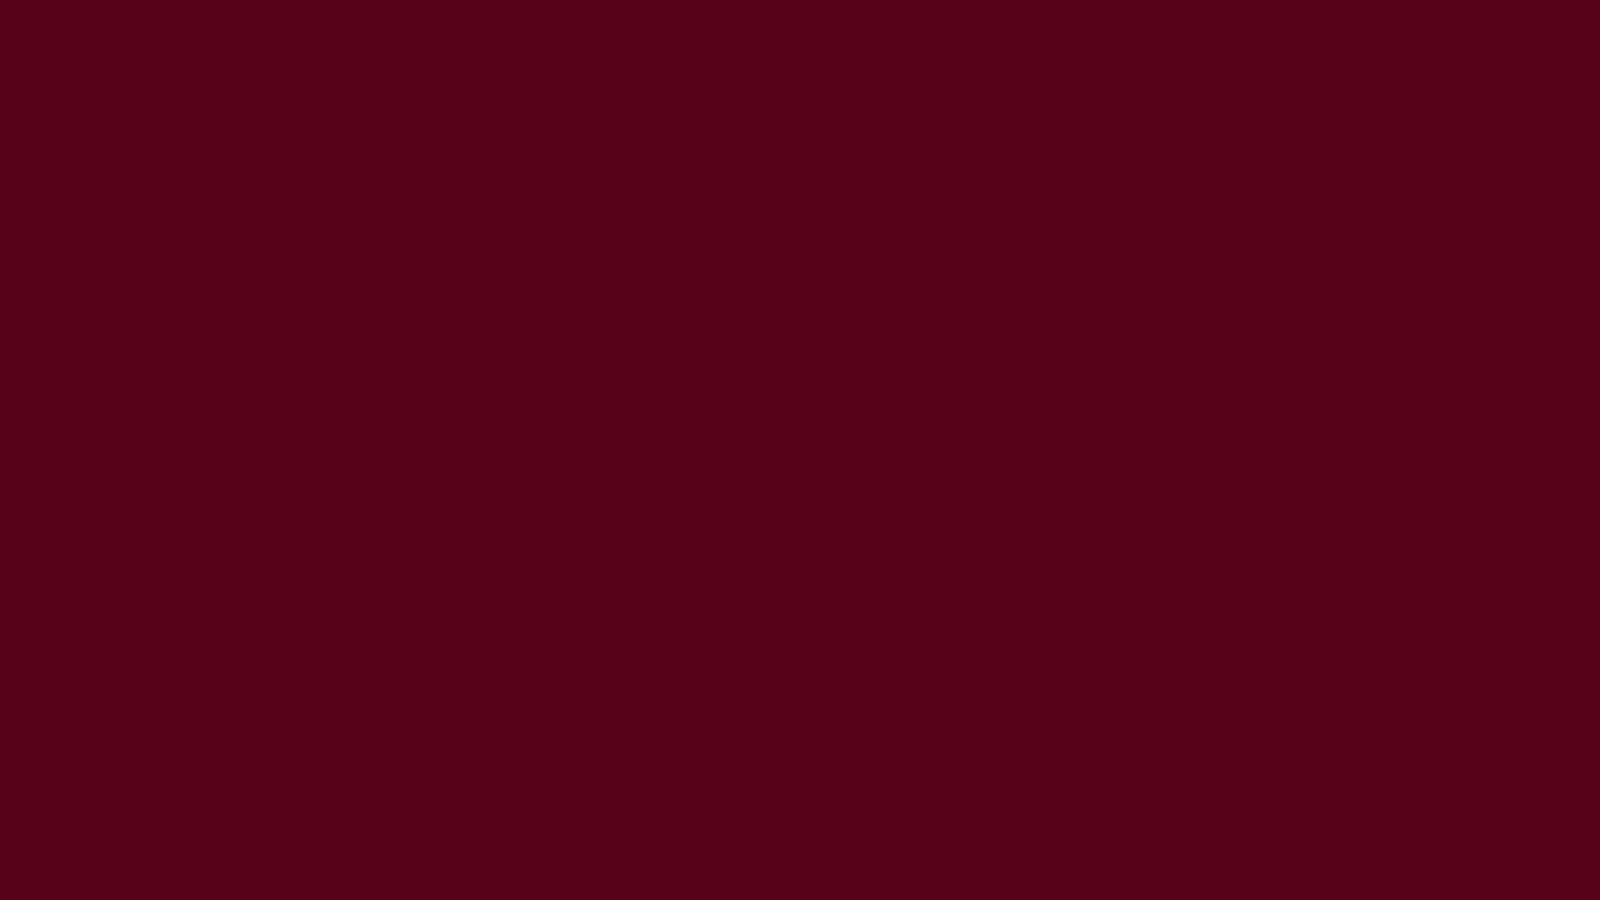 1600x900 Dark Scarlet Solid Color Background